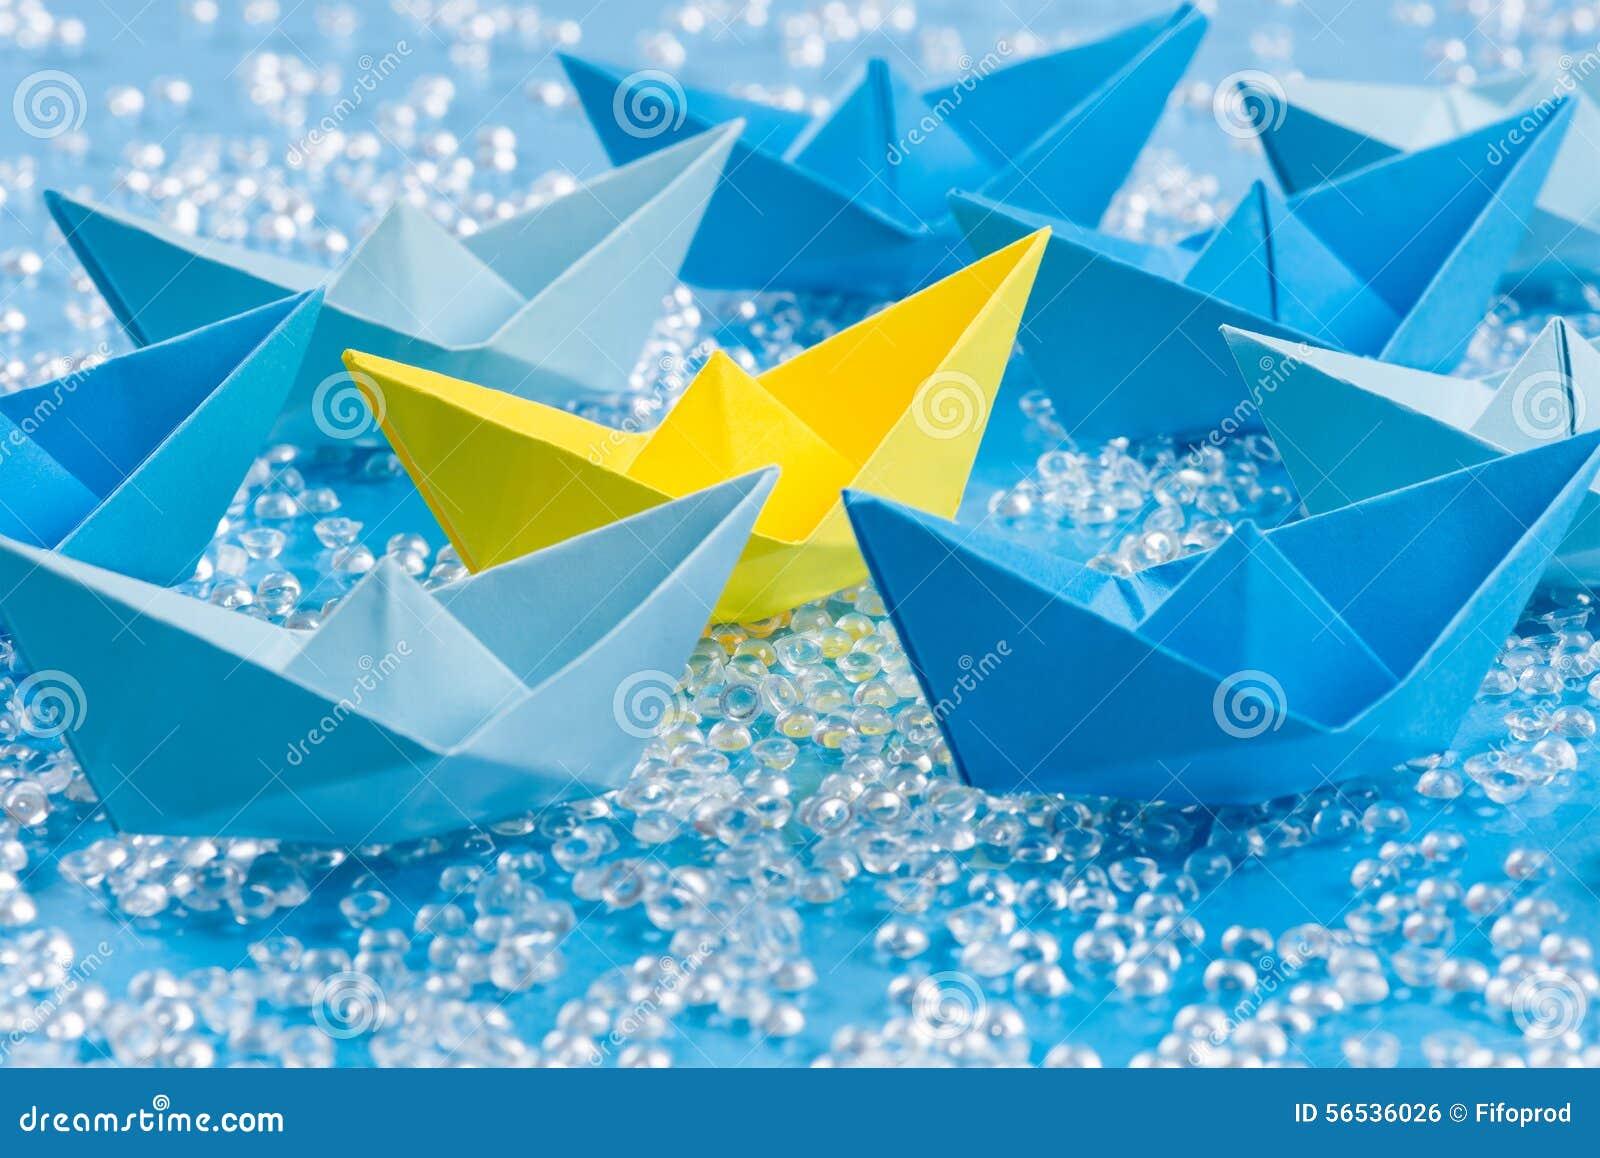 Flotte blaues Origamipapier versendet auf blauem Wasser wie dem Hintergrund, der ein gelbes umgibt